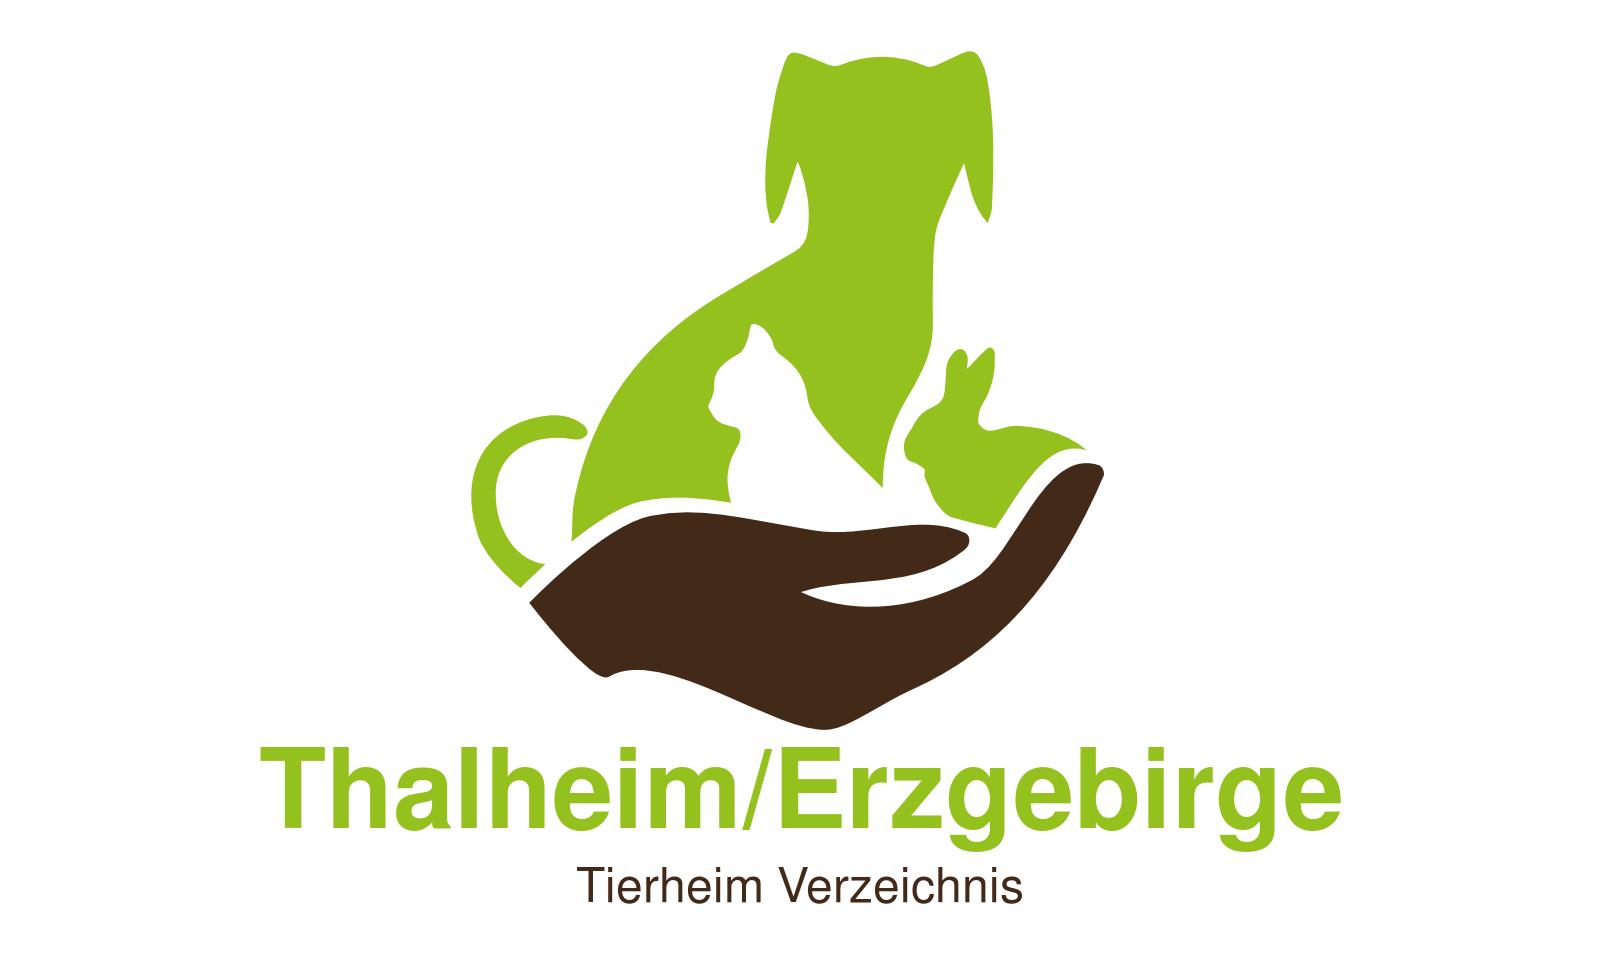 Tierheim Thalheim/Erzgebirge